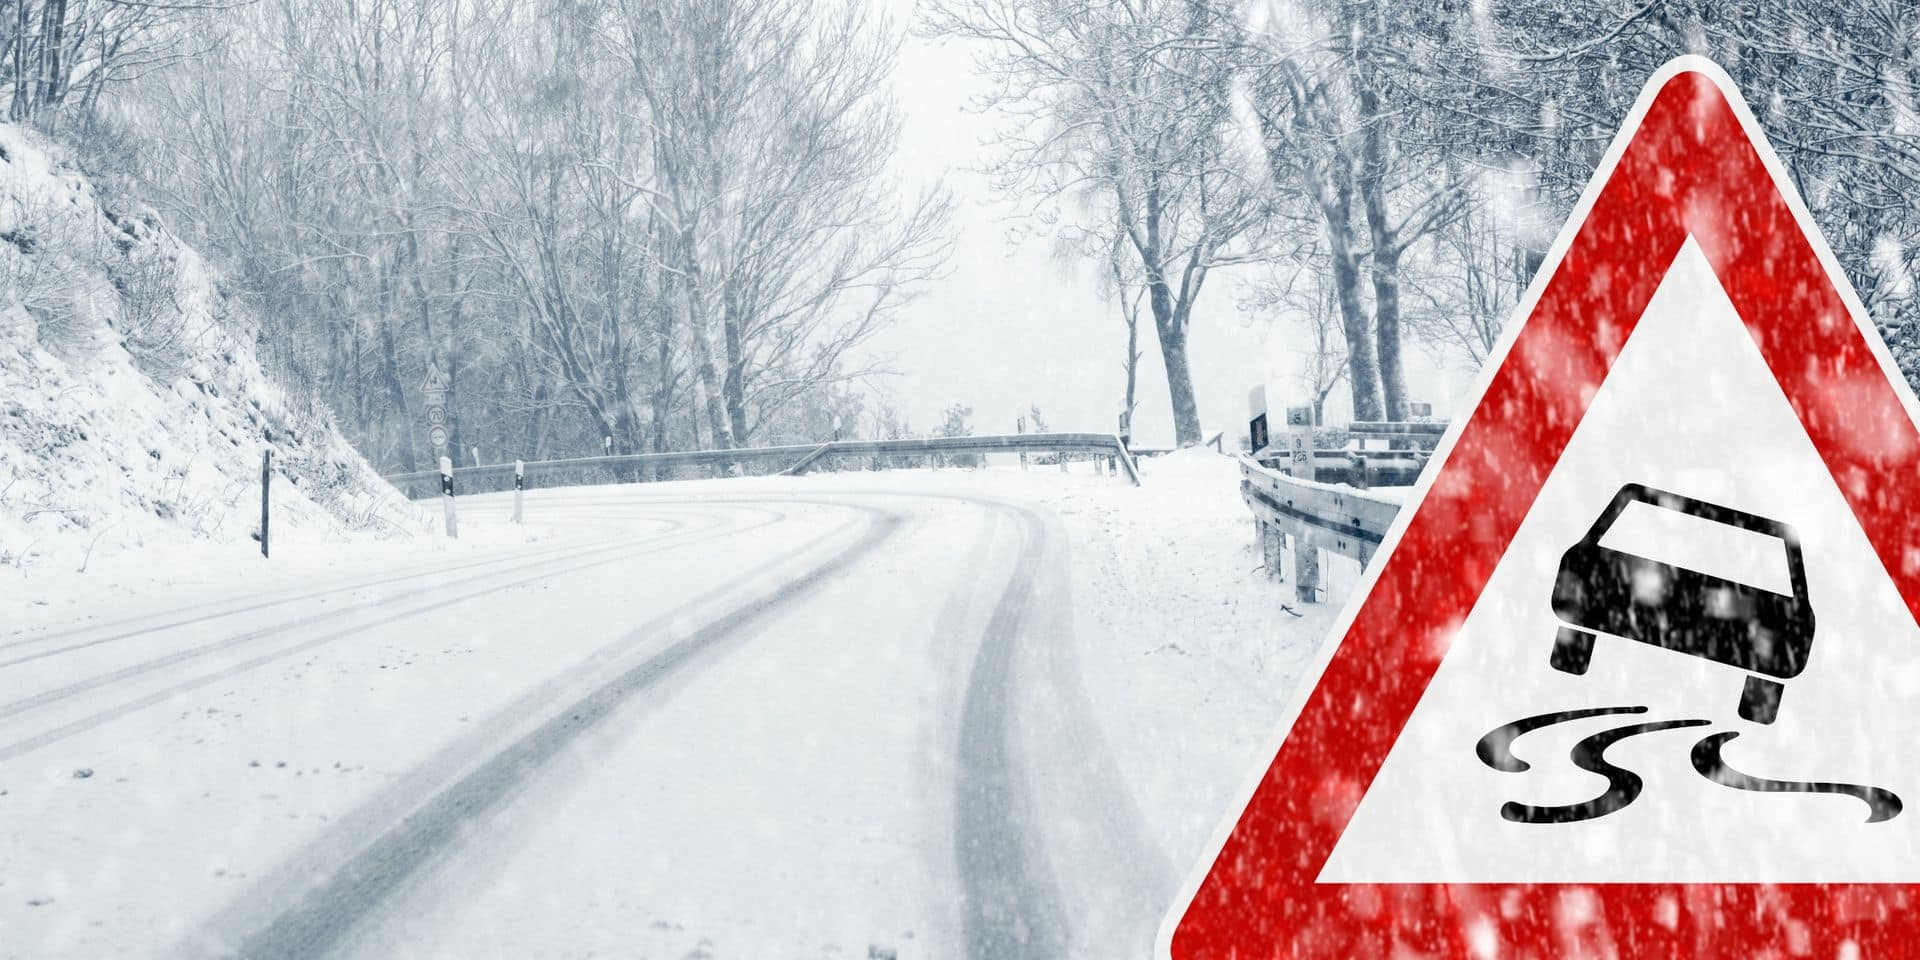 Les automobilistes appelés à la prudence en raison de conditions glissantes